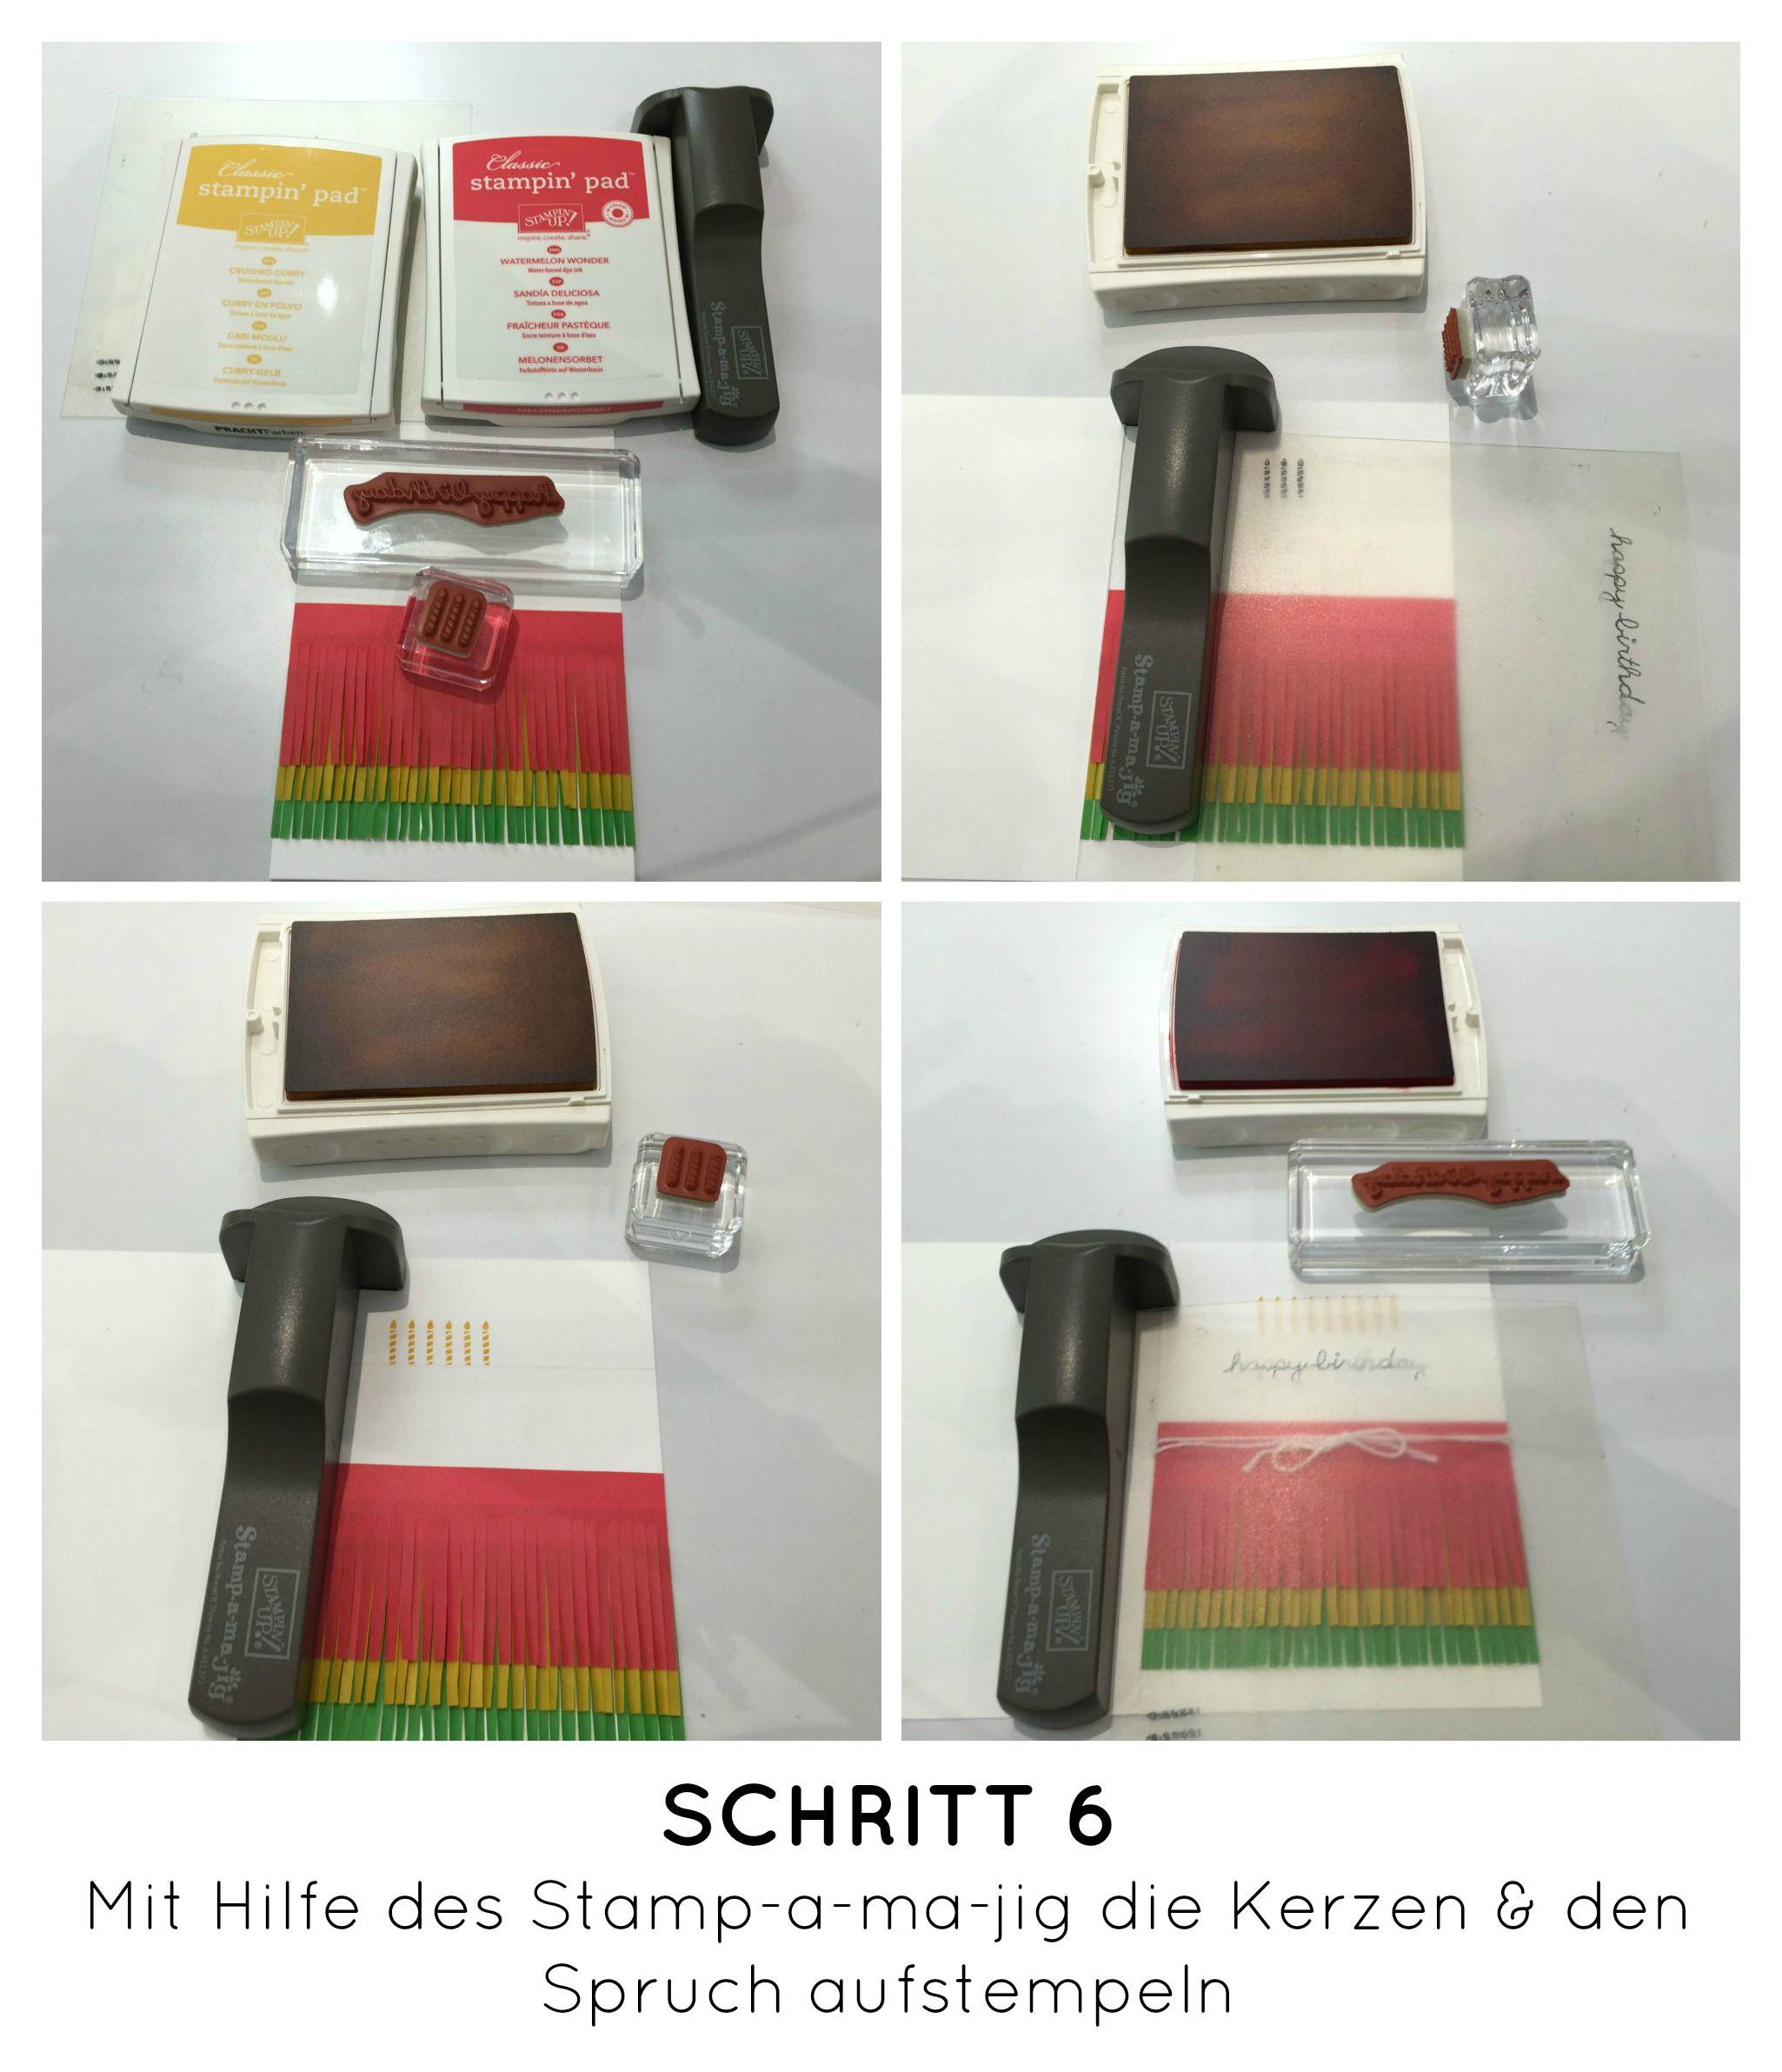 Stampin Up-Stempelherz-Geburtstag-Verpackung-Bag-Geburtstagskarte-Zeig es am Montag Geburtstagsset Sprinkles on Top - Schritt 12b